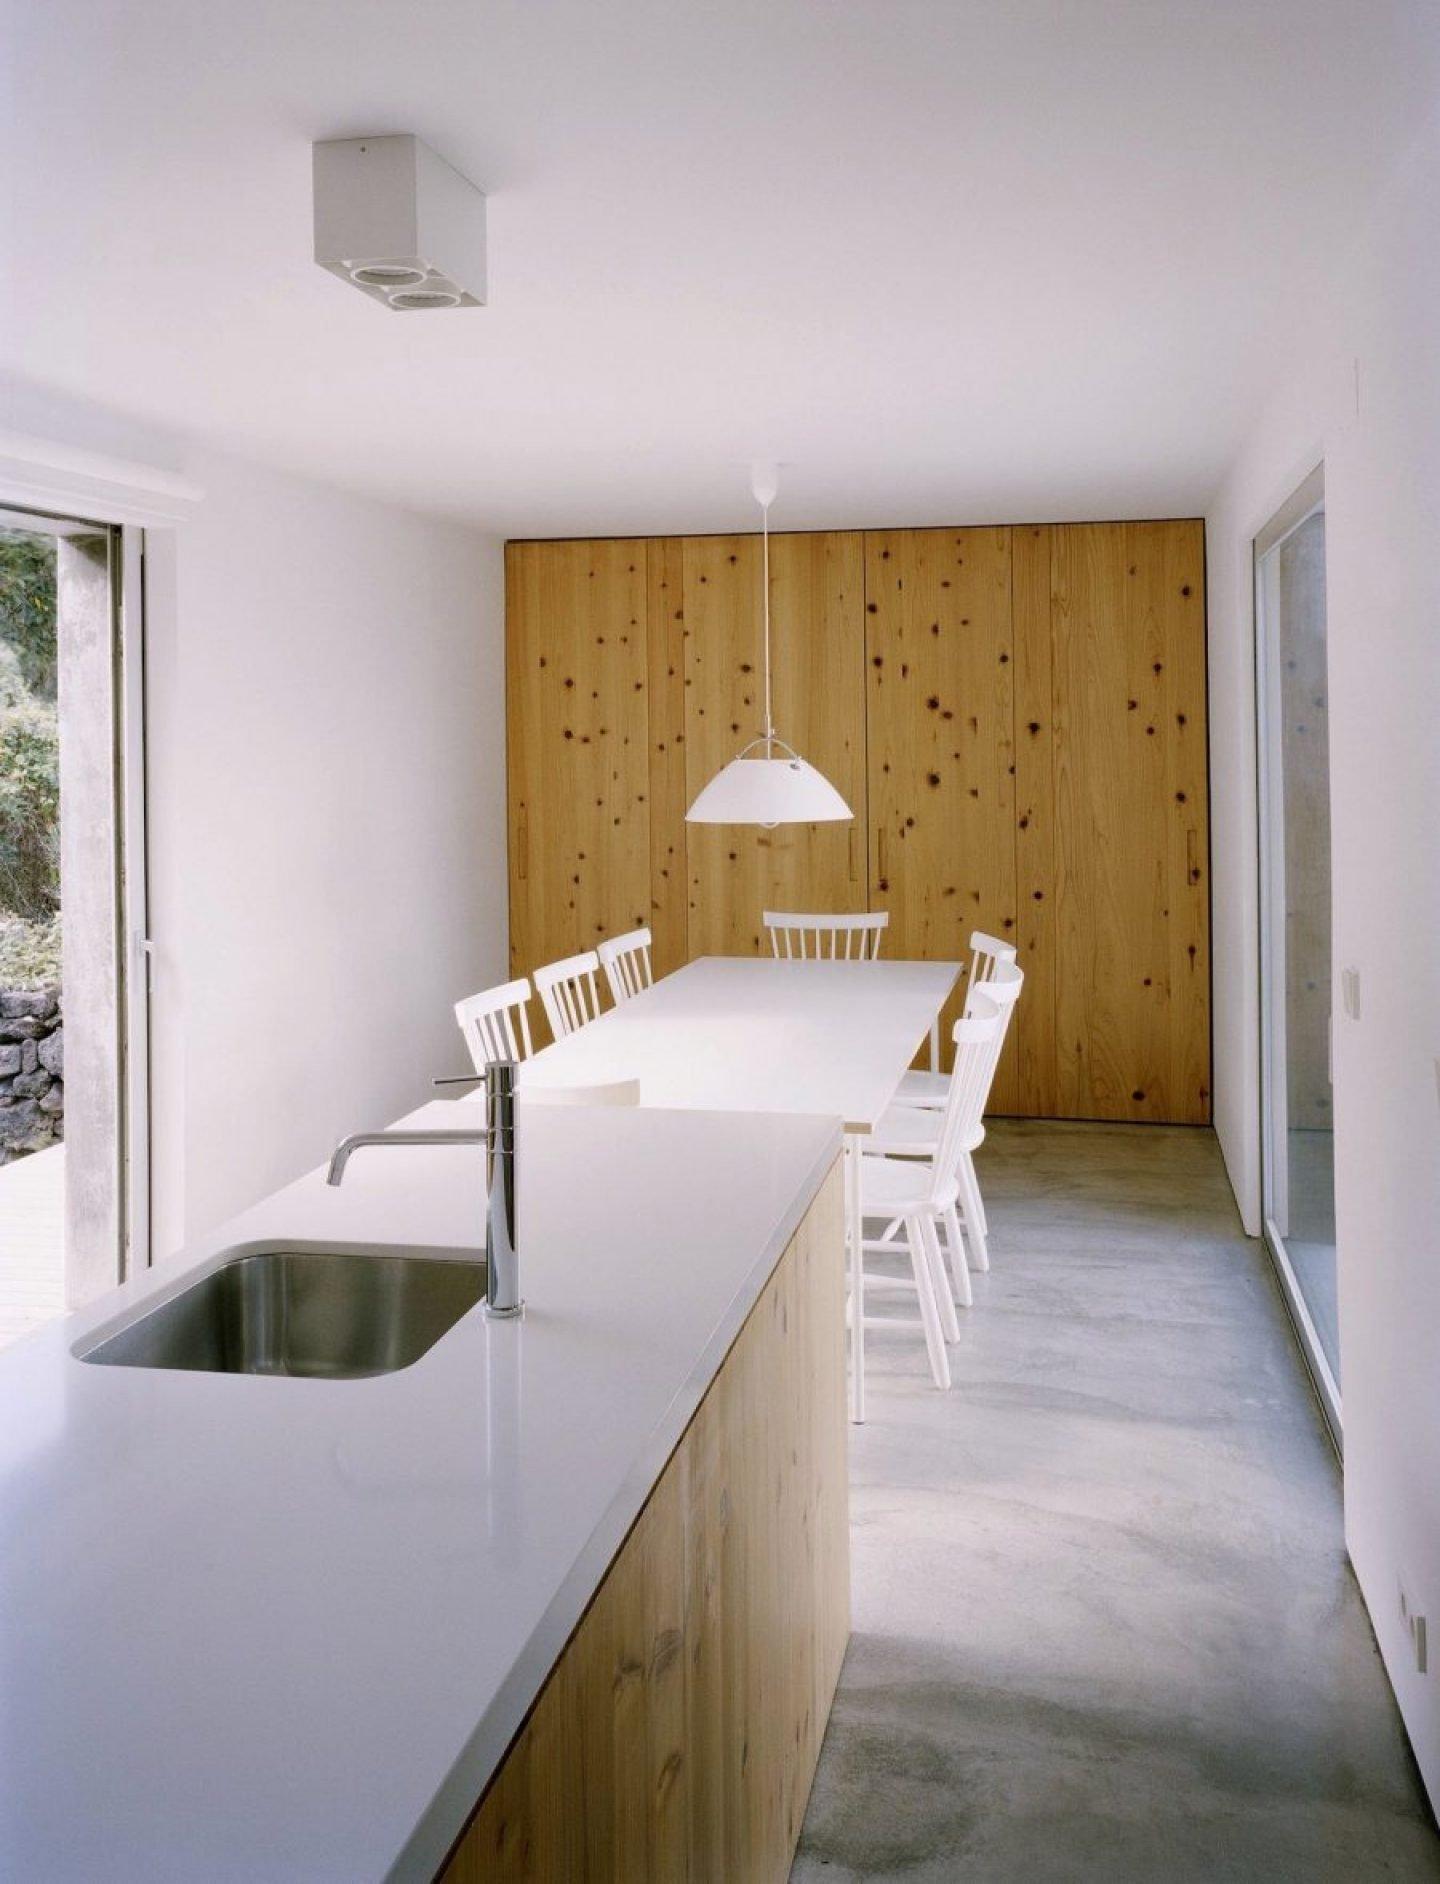 ignant_arch_upgrade_AMI-Arquitectos_PauloCatrica_002